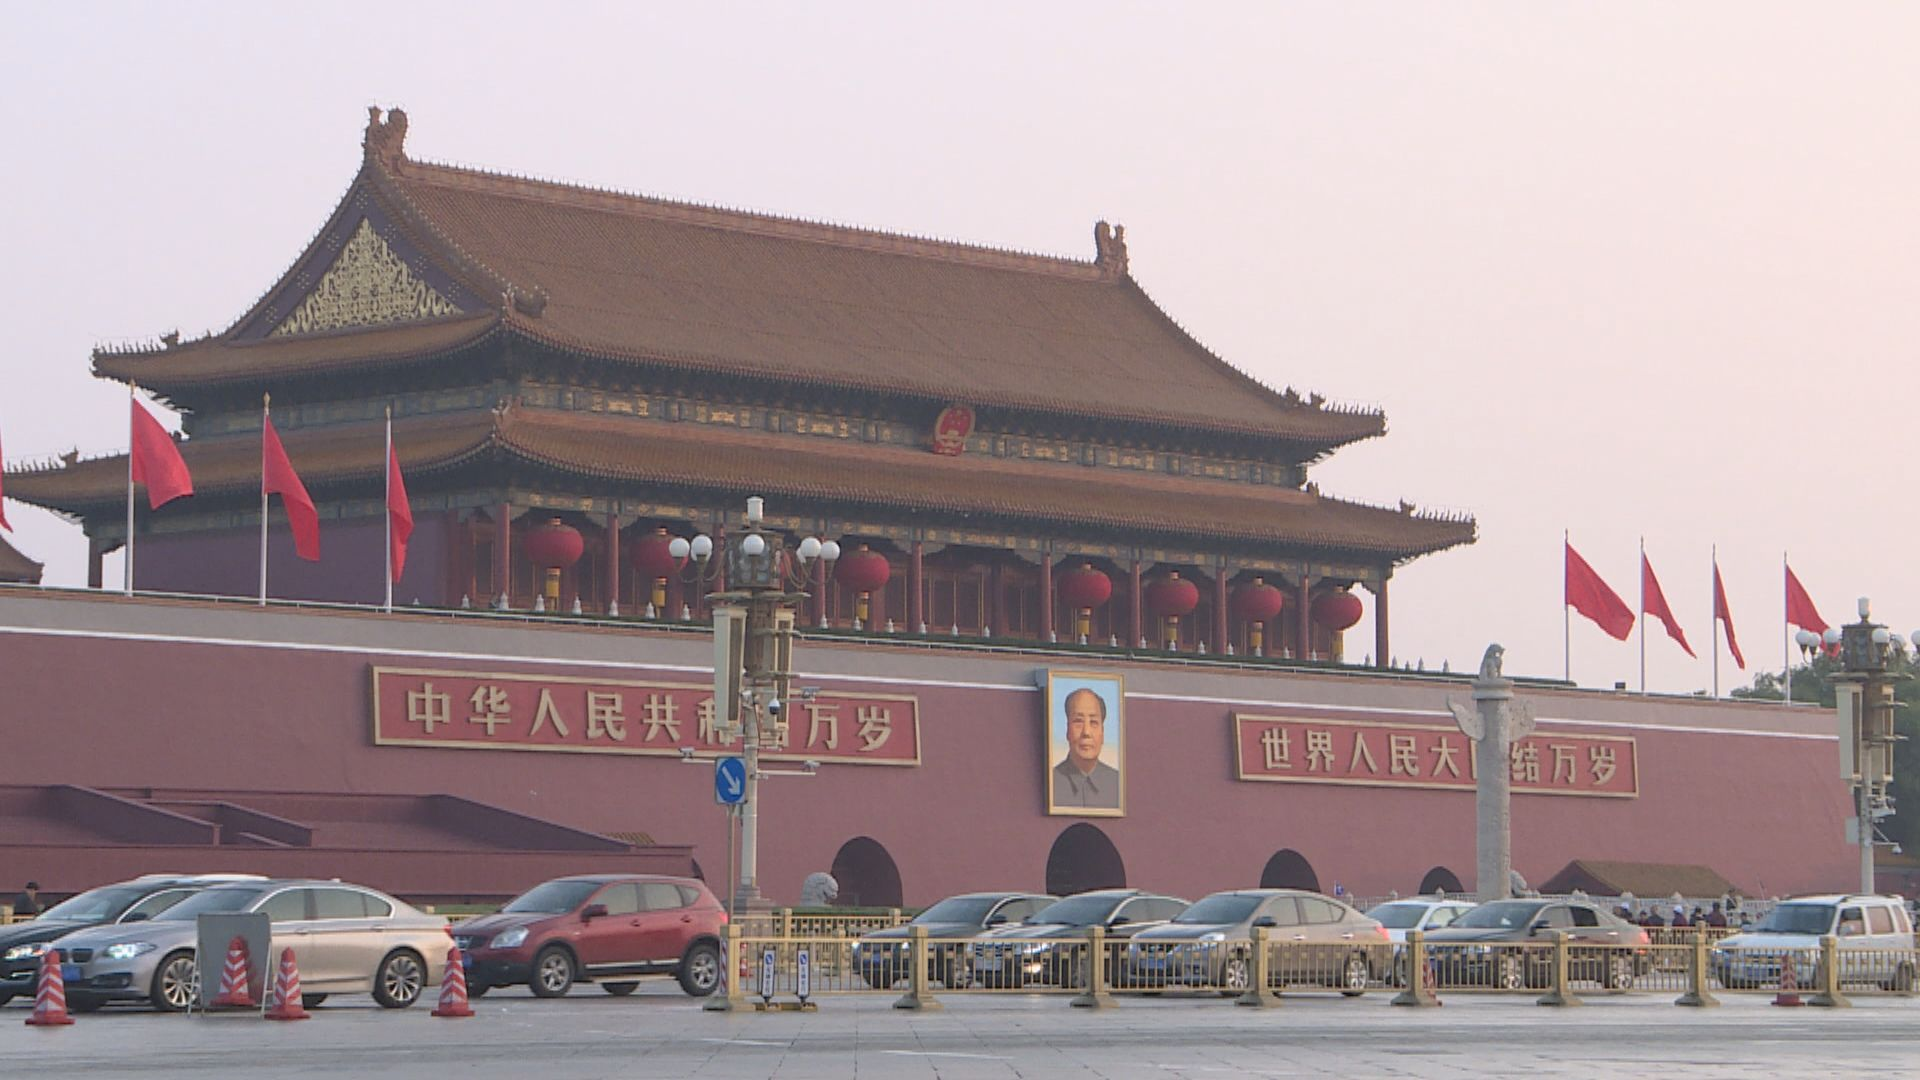 據報北京正起草新計劃取代中國製造2025